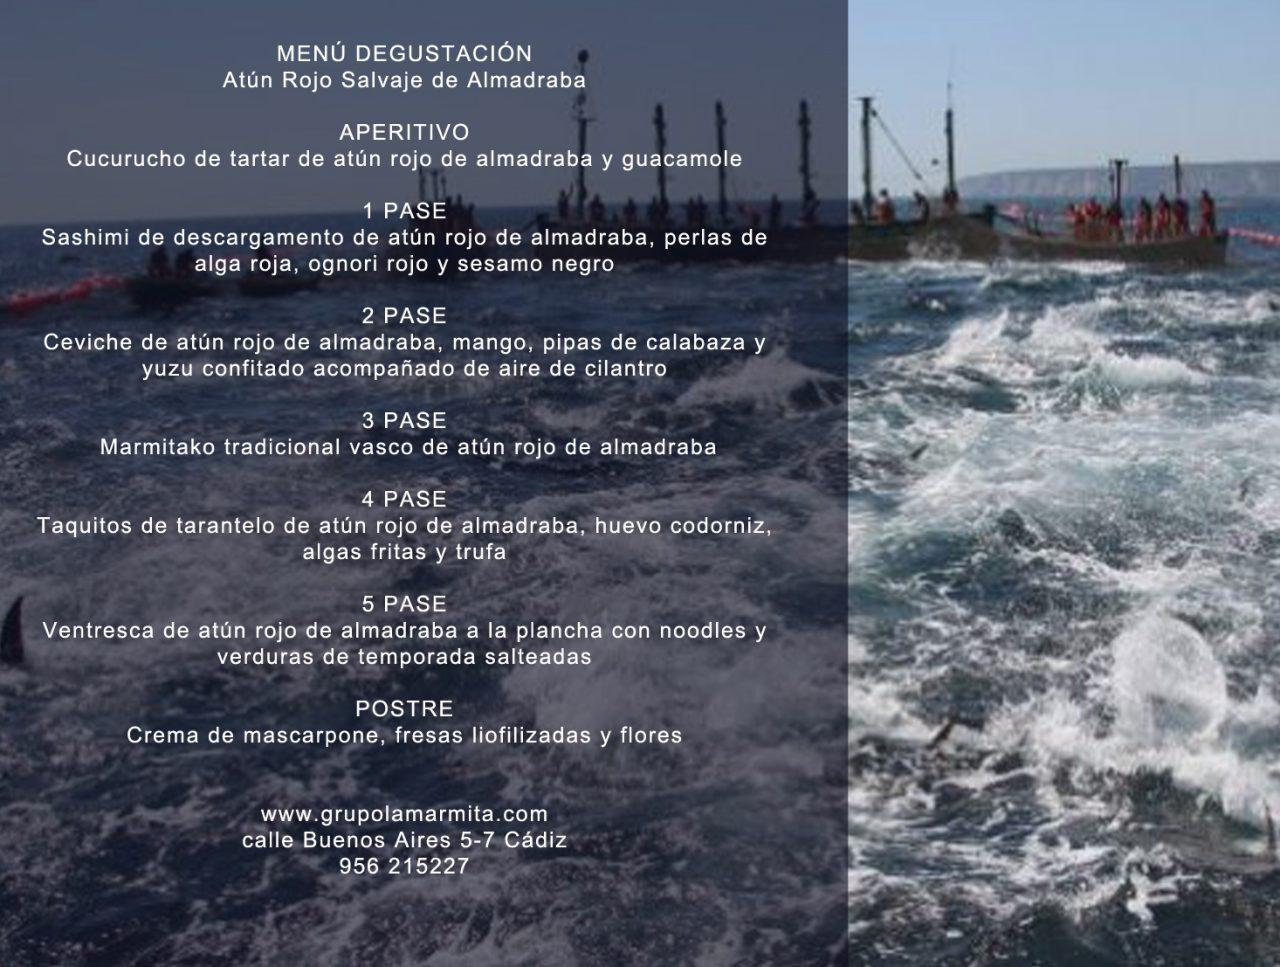 menu degustación atún rojo de almadraba